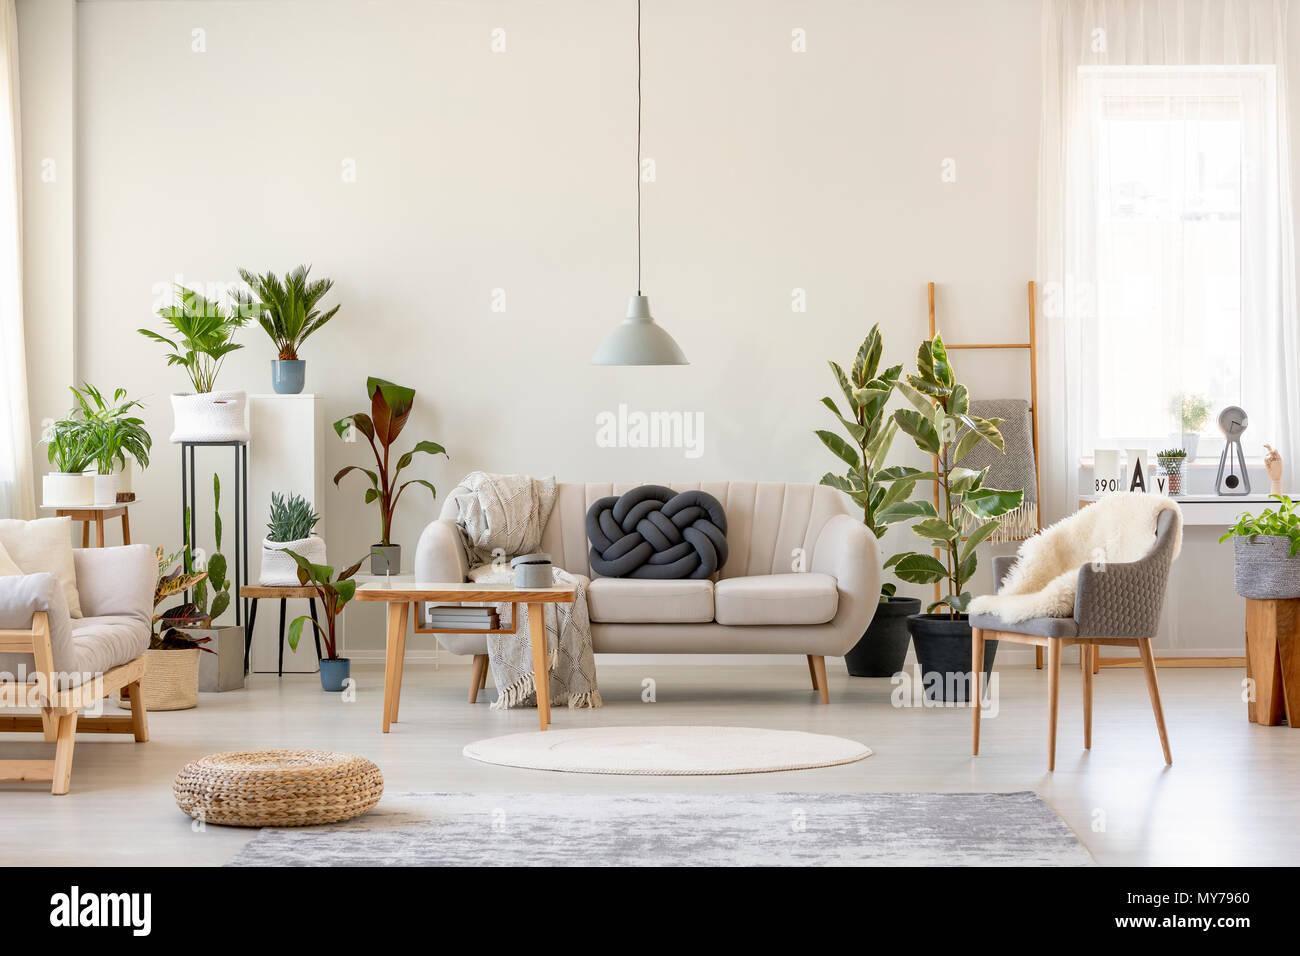 Real Photo Von Einem Botanischen Wohnzimmer Interieur Voller